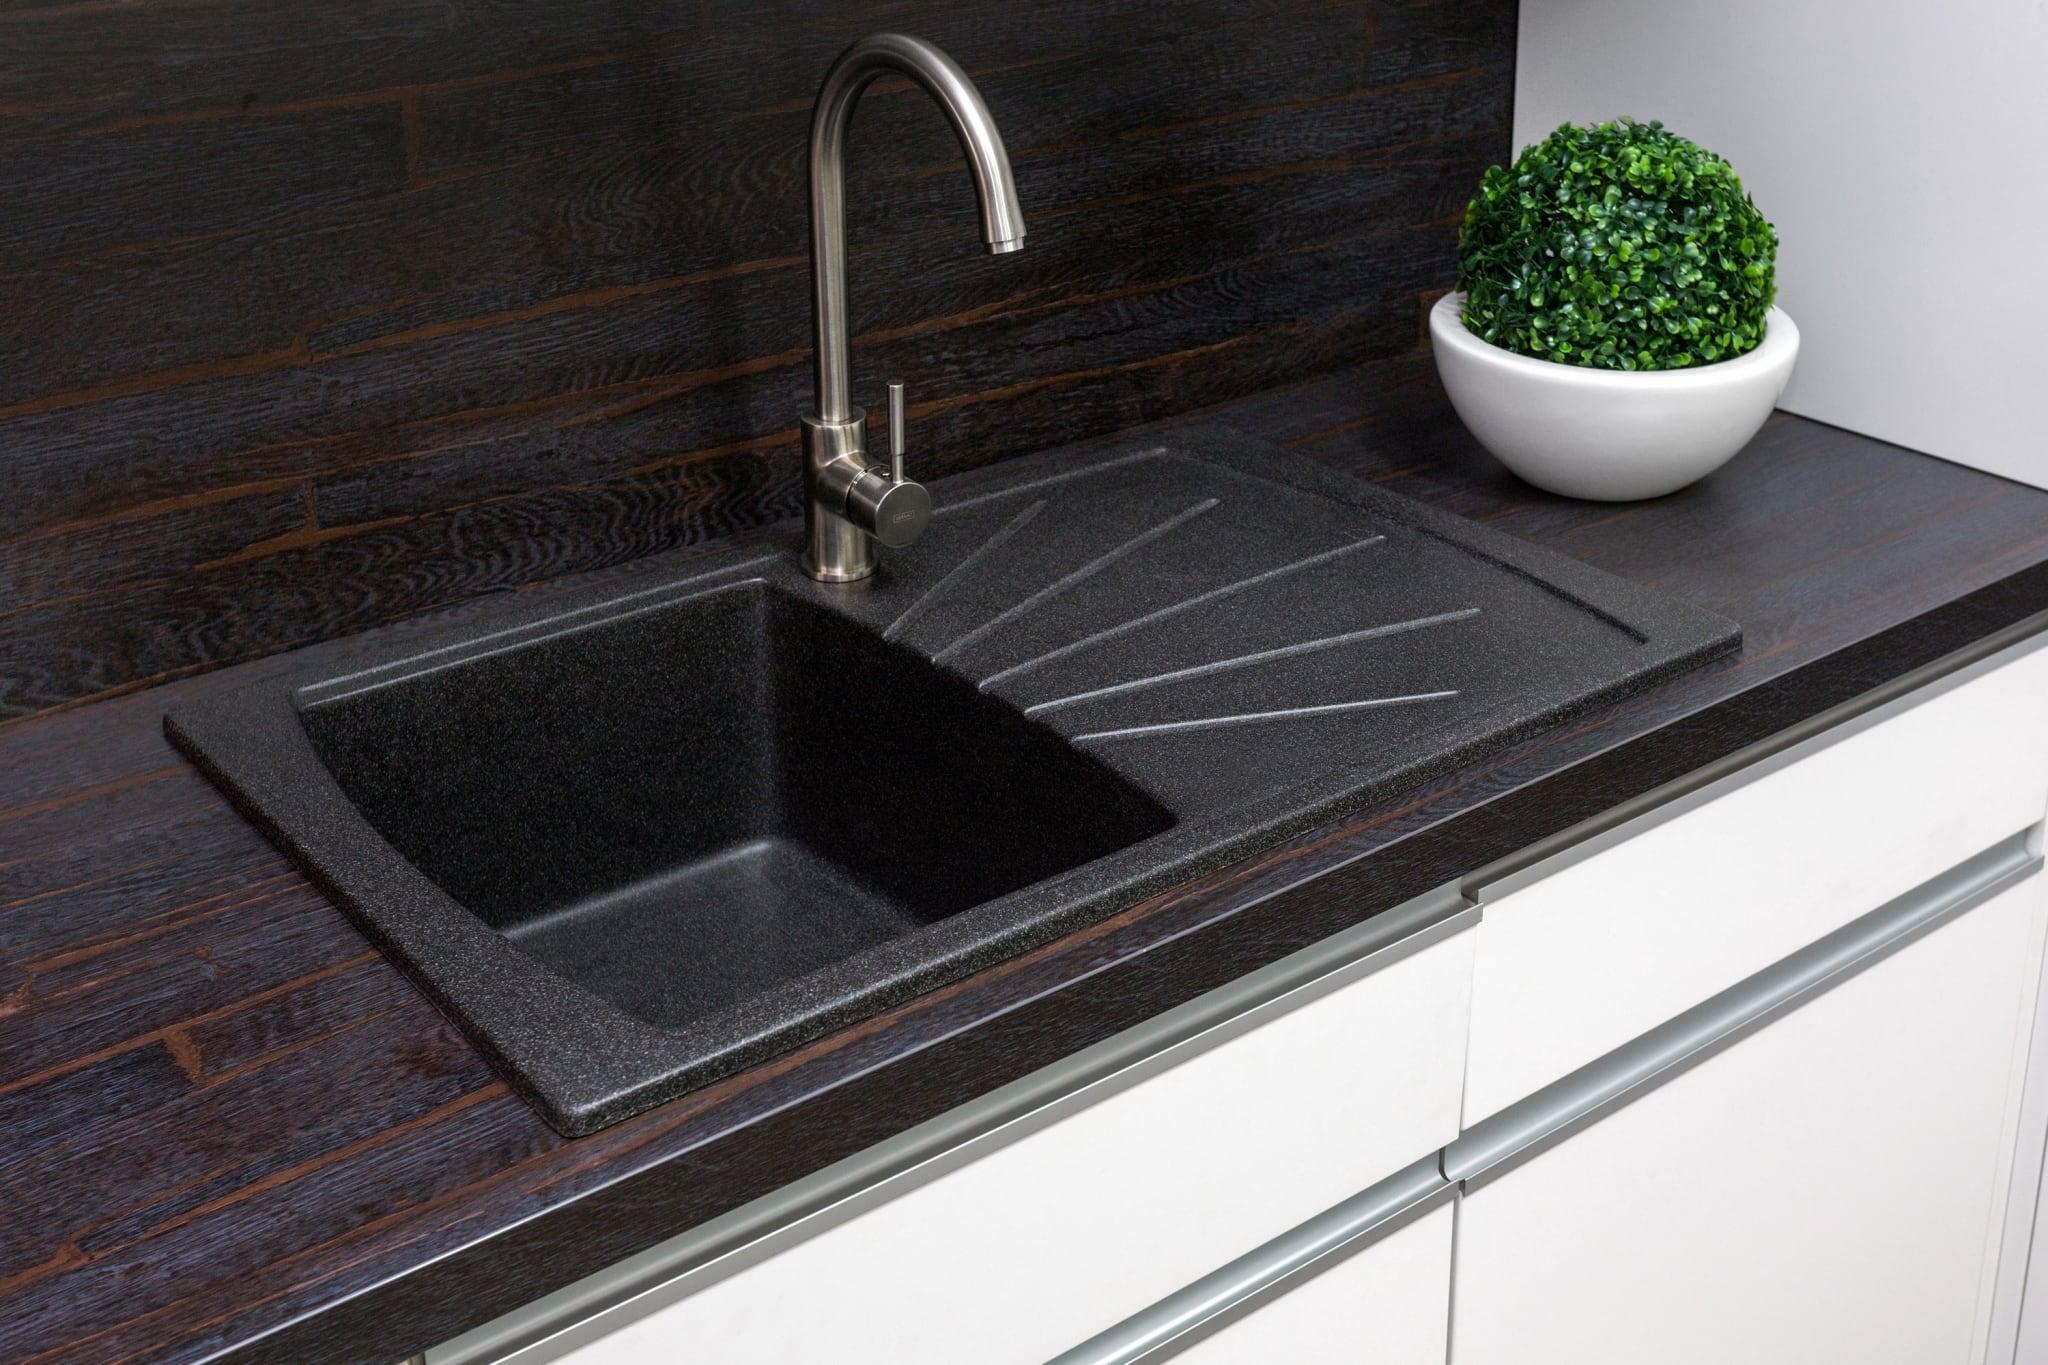 Full Size of Wie Kann Man Eine Granit Sple Reinigen Eckküche Mit Elektrogeräten Armatur Küche Möbelgriffe Waschbecken Modul Einlegeböden Miele Bodenbeläge Wohnzimmer Spülbecken Küche Granit